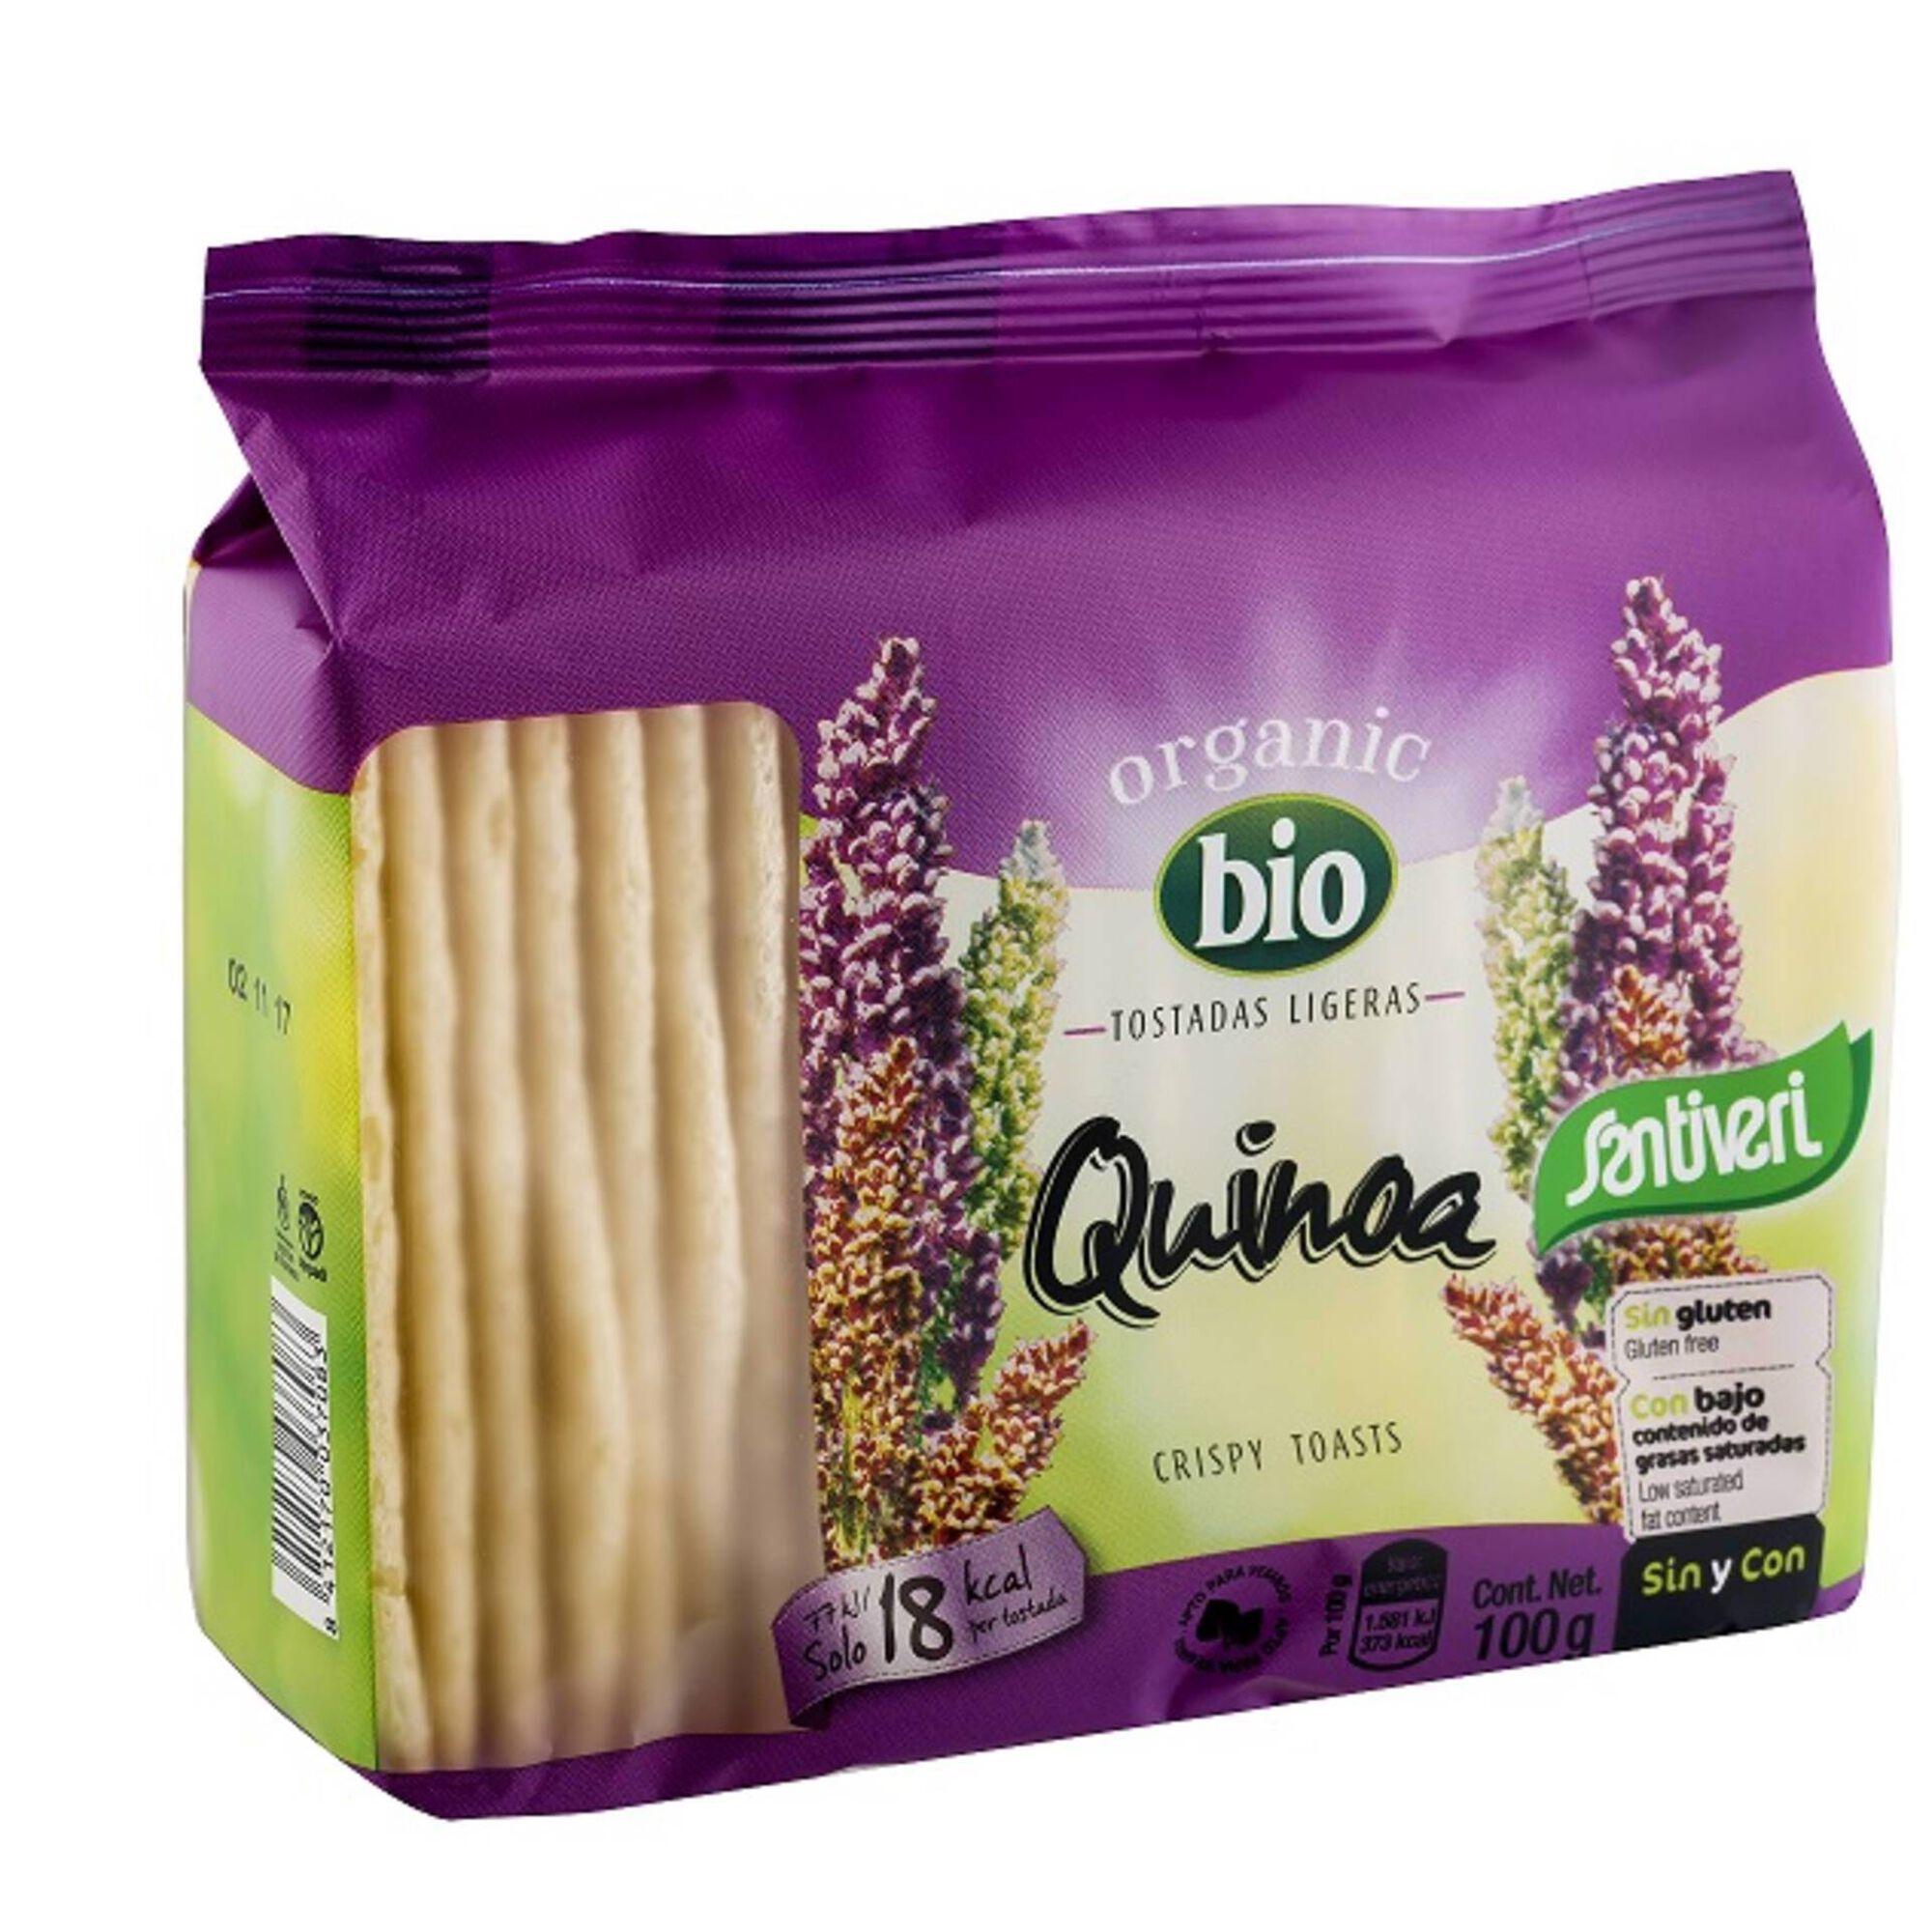 Tostas Ligeiras com Quinoa sem Glúten Biológico